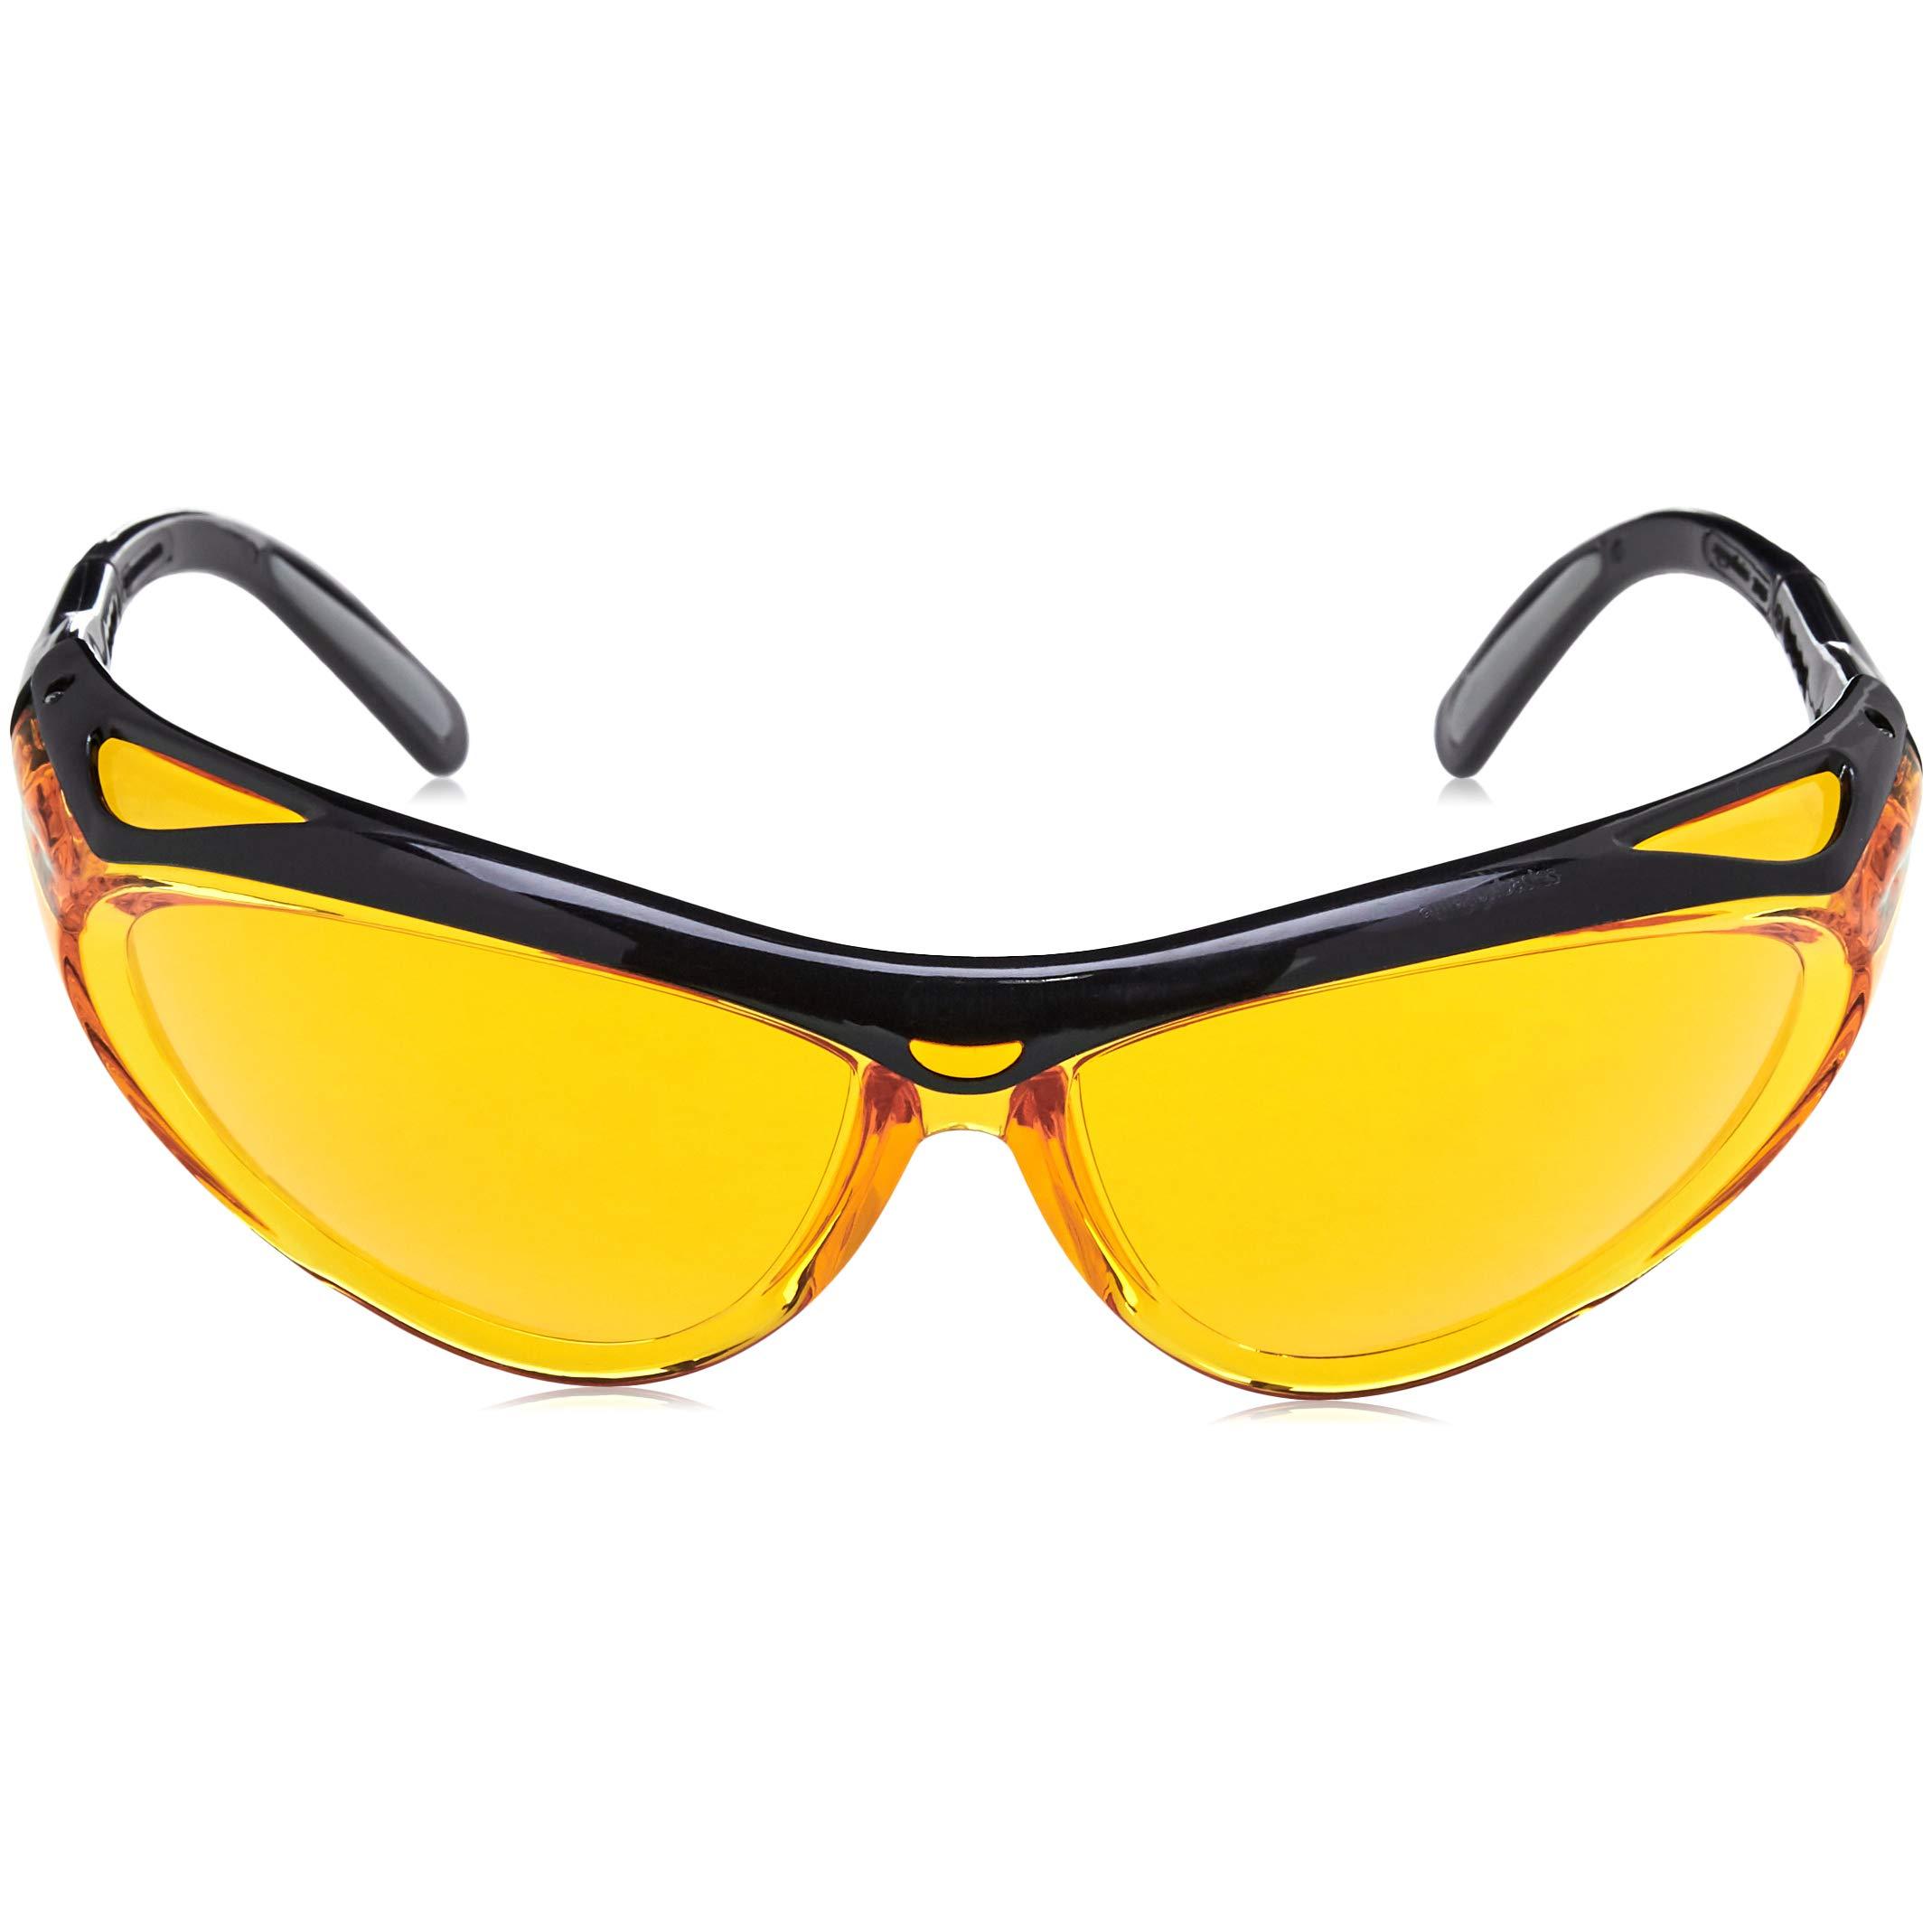 AmazonBasics Blue Light Blocking Safety Glasses, Anti-Fog, Orange Lens, 6-Count by AmazonBasics (Image #4)